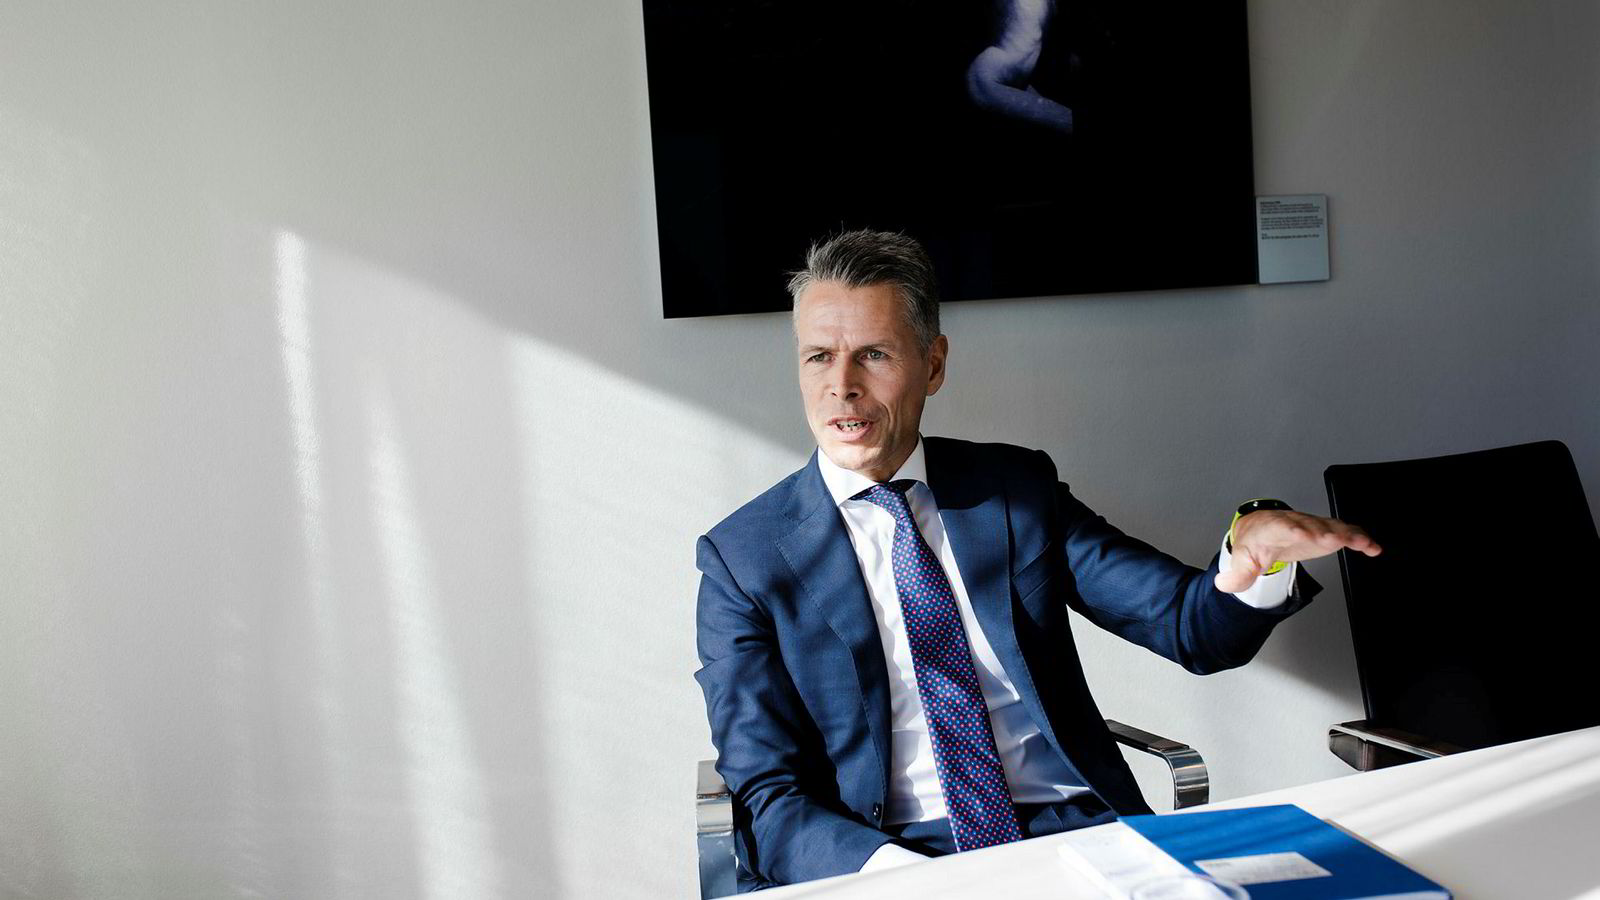 Internasjonale fond står i kø for å kjøpe seg inn i norske vindparker, men foreløpig uteblir norske investorer, ifølge Peter Knutzen, ansvarlig for investeringer i fornybar energi i Swedbank.